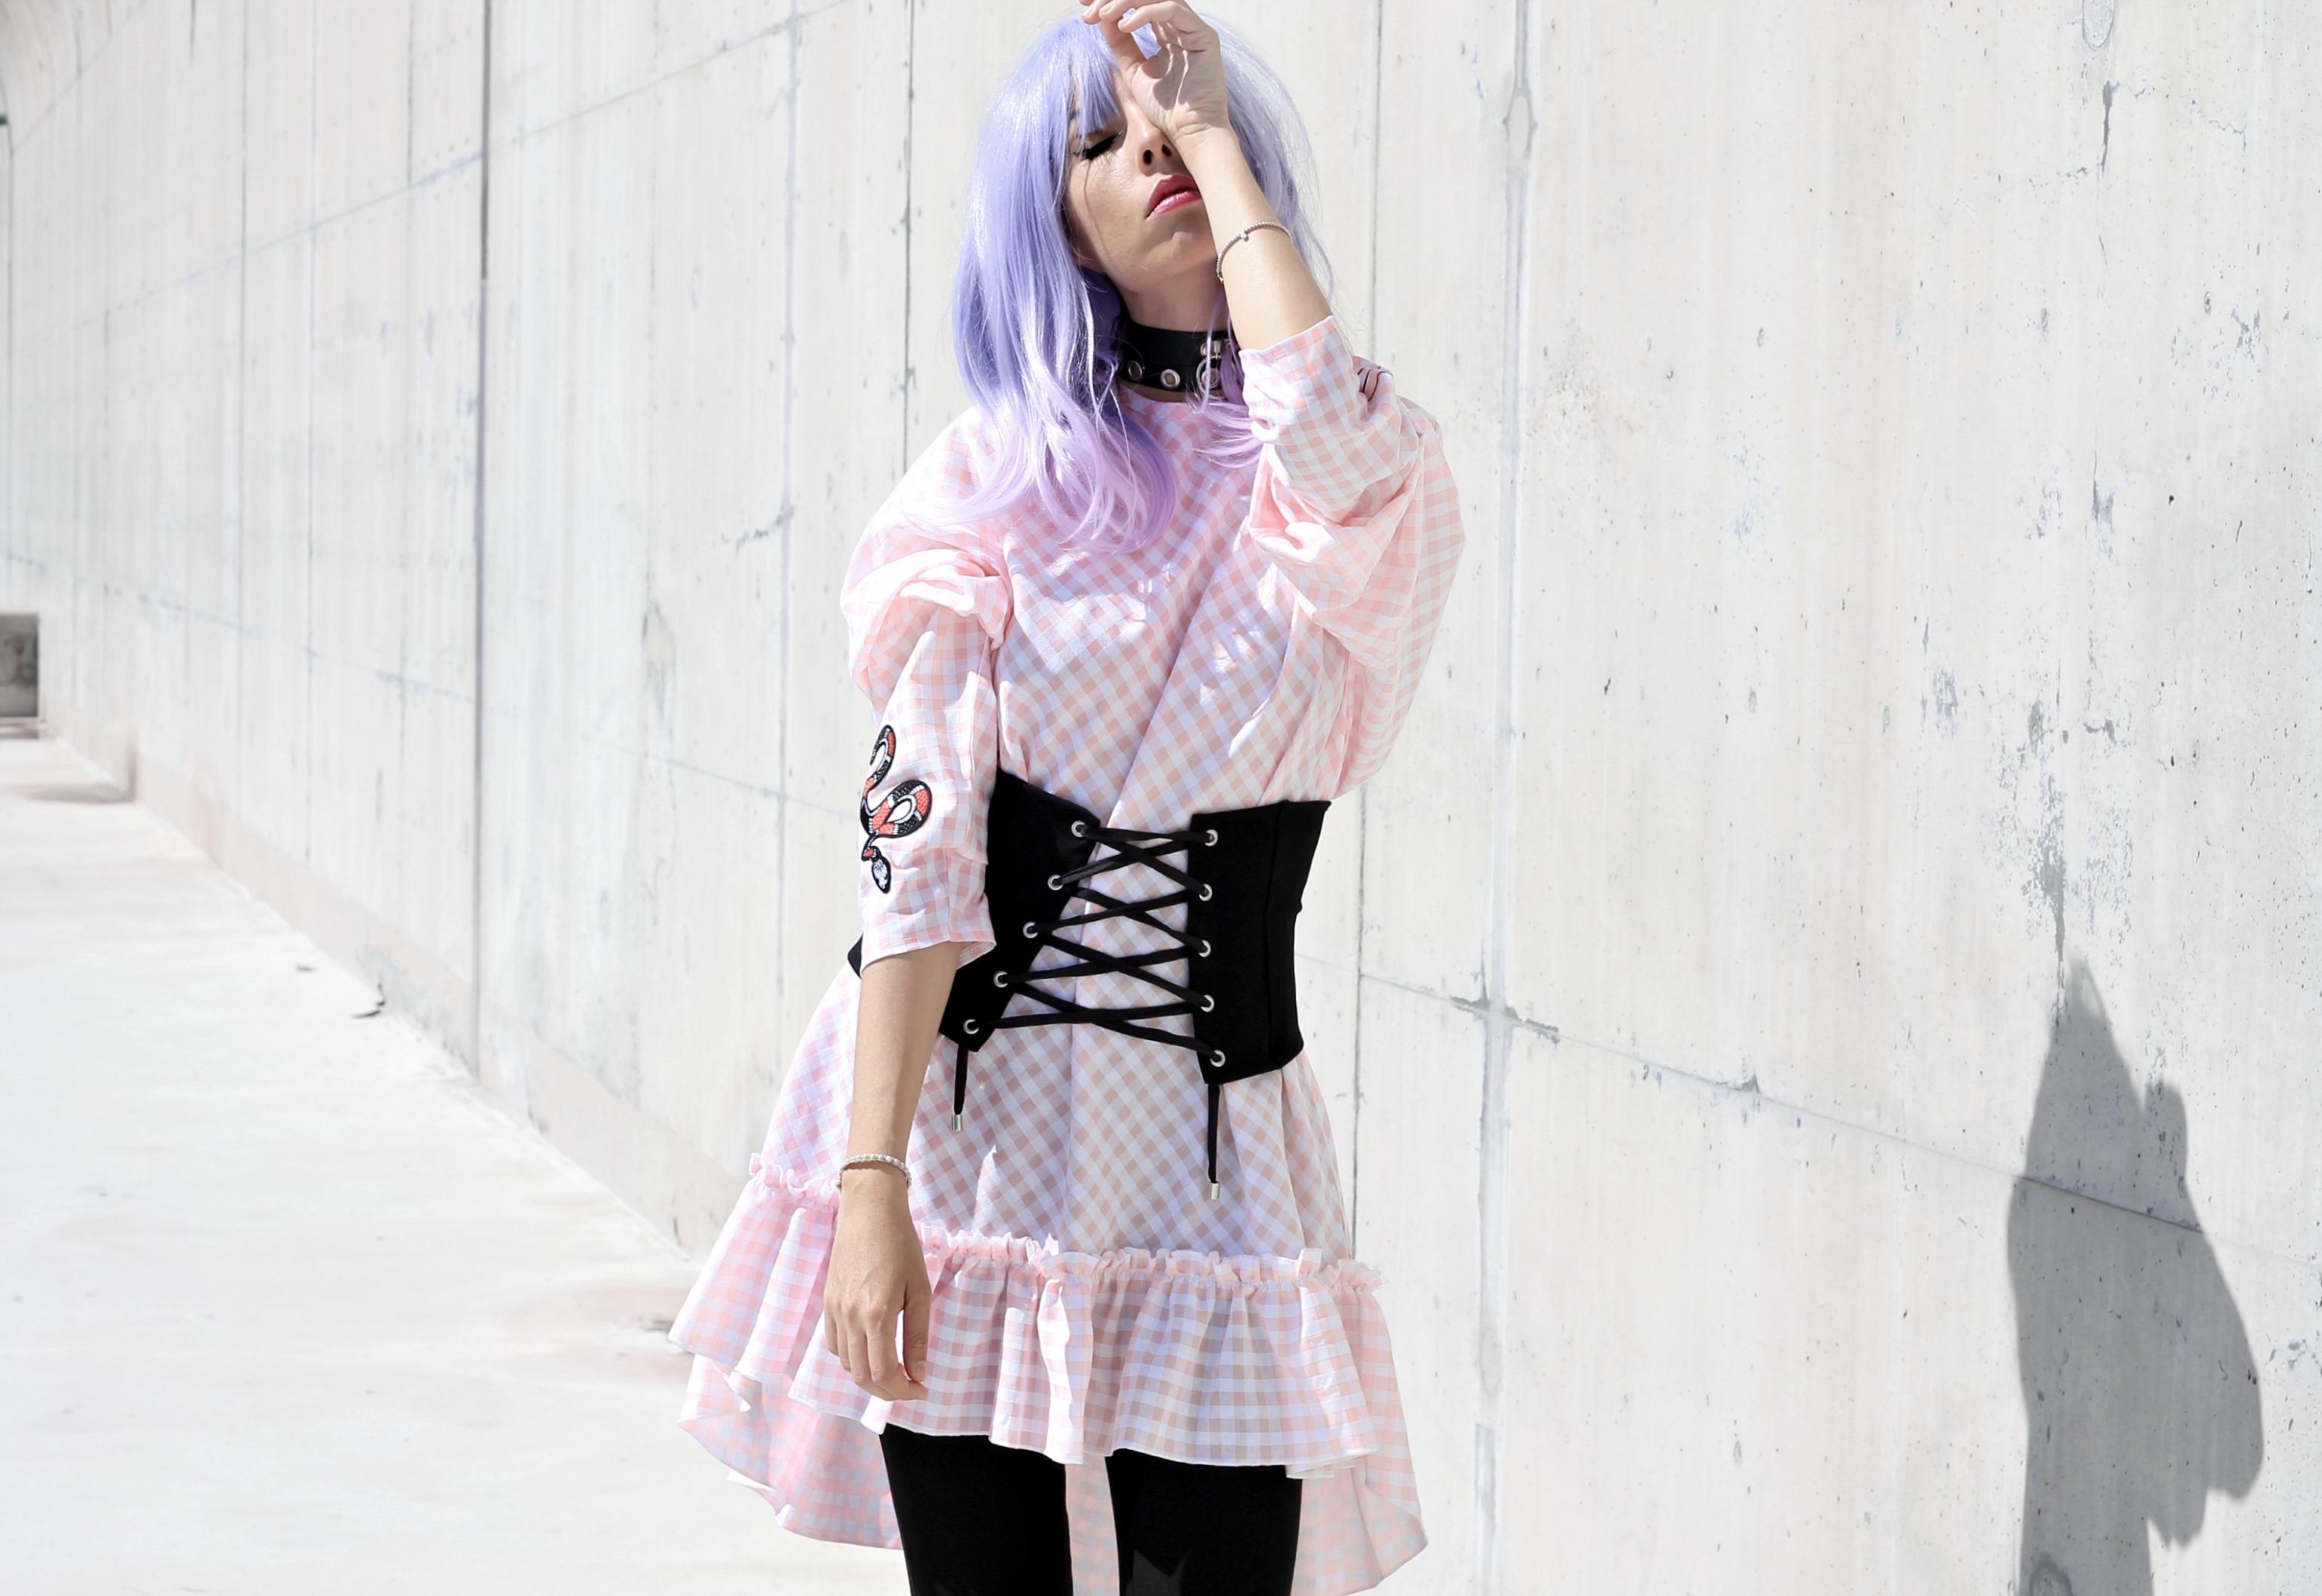 consumi di moda, consumi di moda 2017, corsetti primavera 2017, tendenze consumi moda, instagram e moda, theladycracy.it, elisa bellino, fashion blog italia 2017, fashion blogger italiane 2017, fashion blogger famose 2017, blogger moda più seguite 2017, blogger moda 2017, outfit primavera 2017, percalle vicky tendenza 2017, elisa bellino